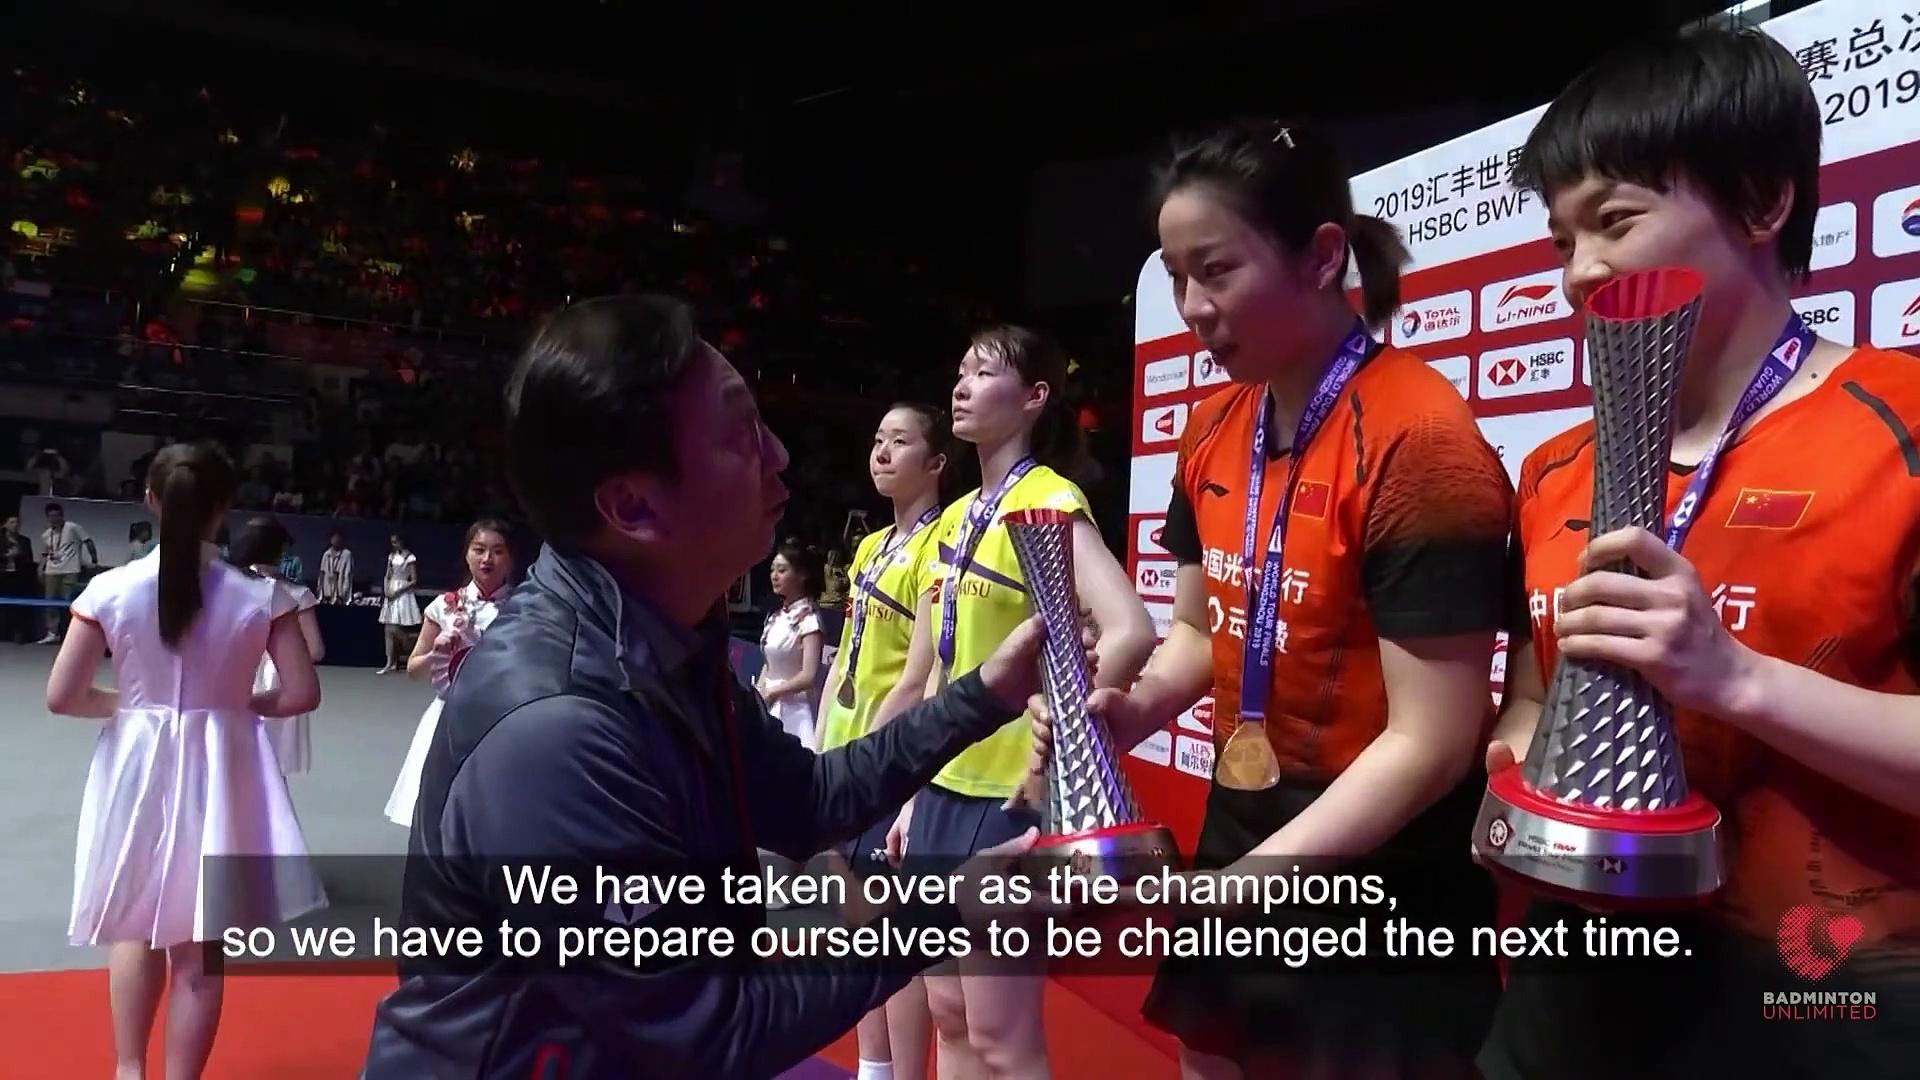 Badminton Unlimited 2019   HSBC BWF World Tour Finals 2019: Finals   BWF 2019